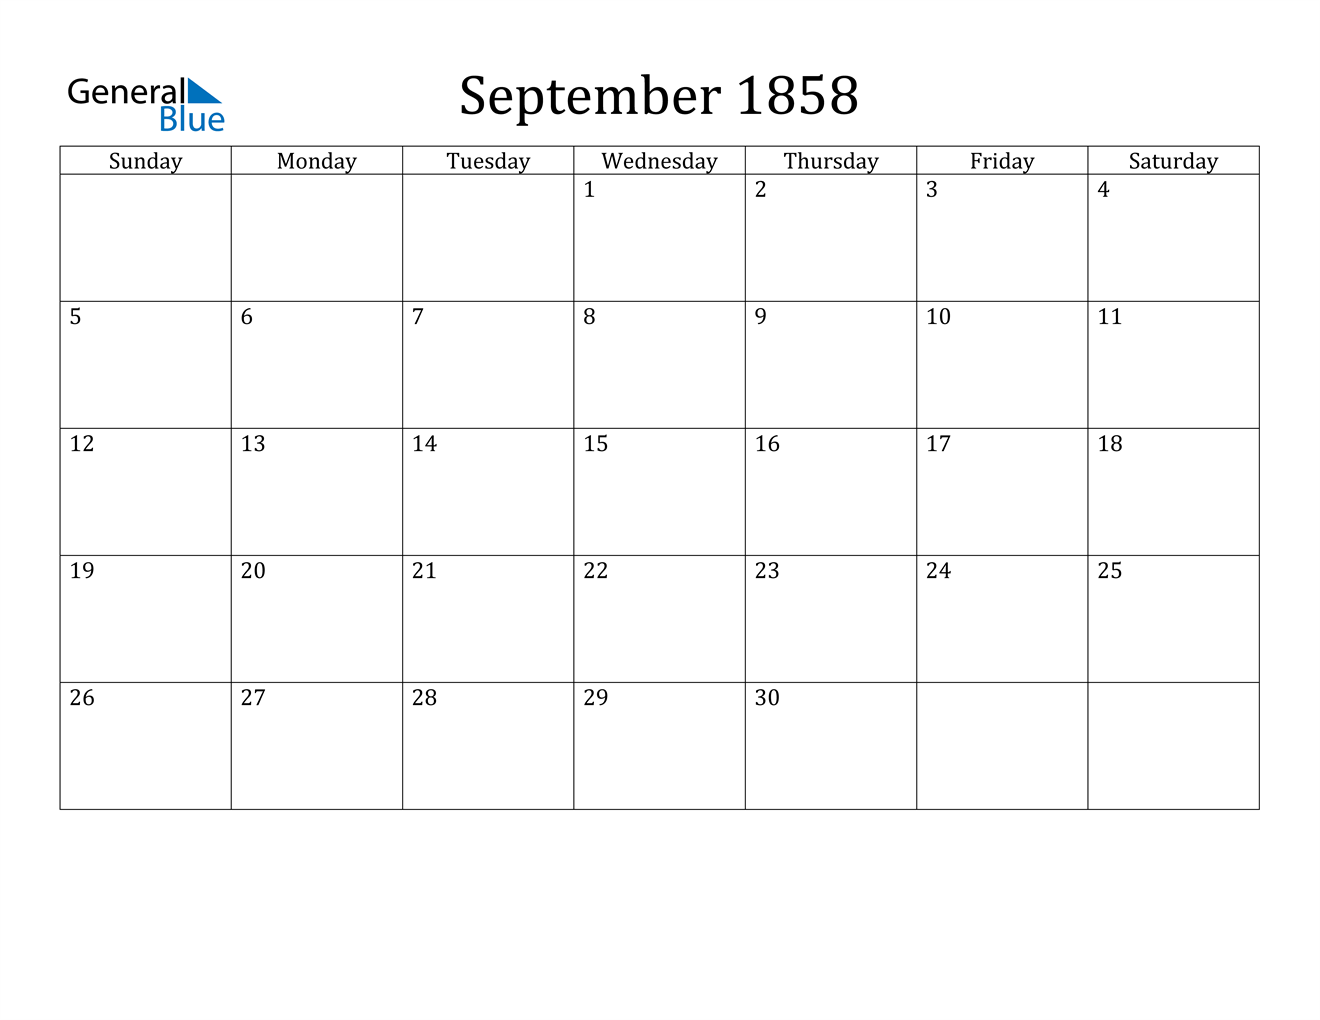 Image of September 1858 Calendar